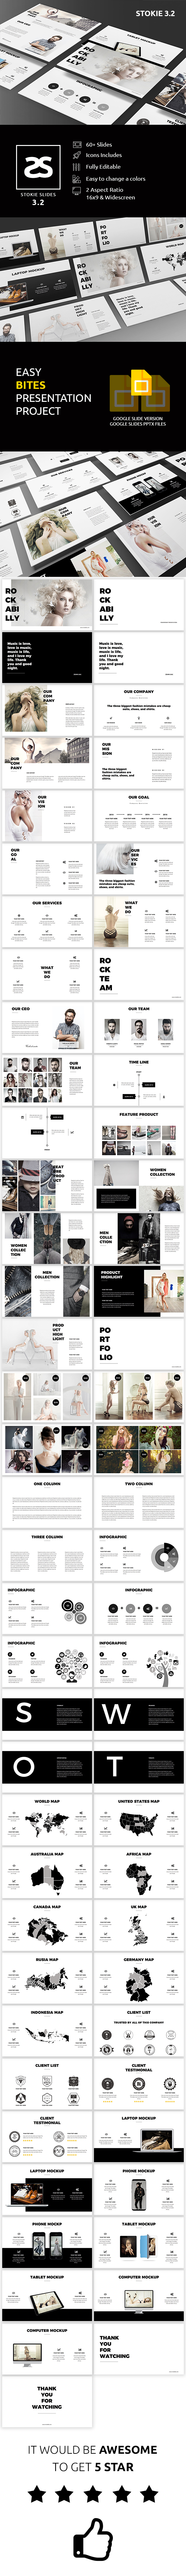 GraphicRiver Fashion Google Slide Template 3.2 20811650